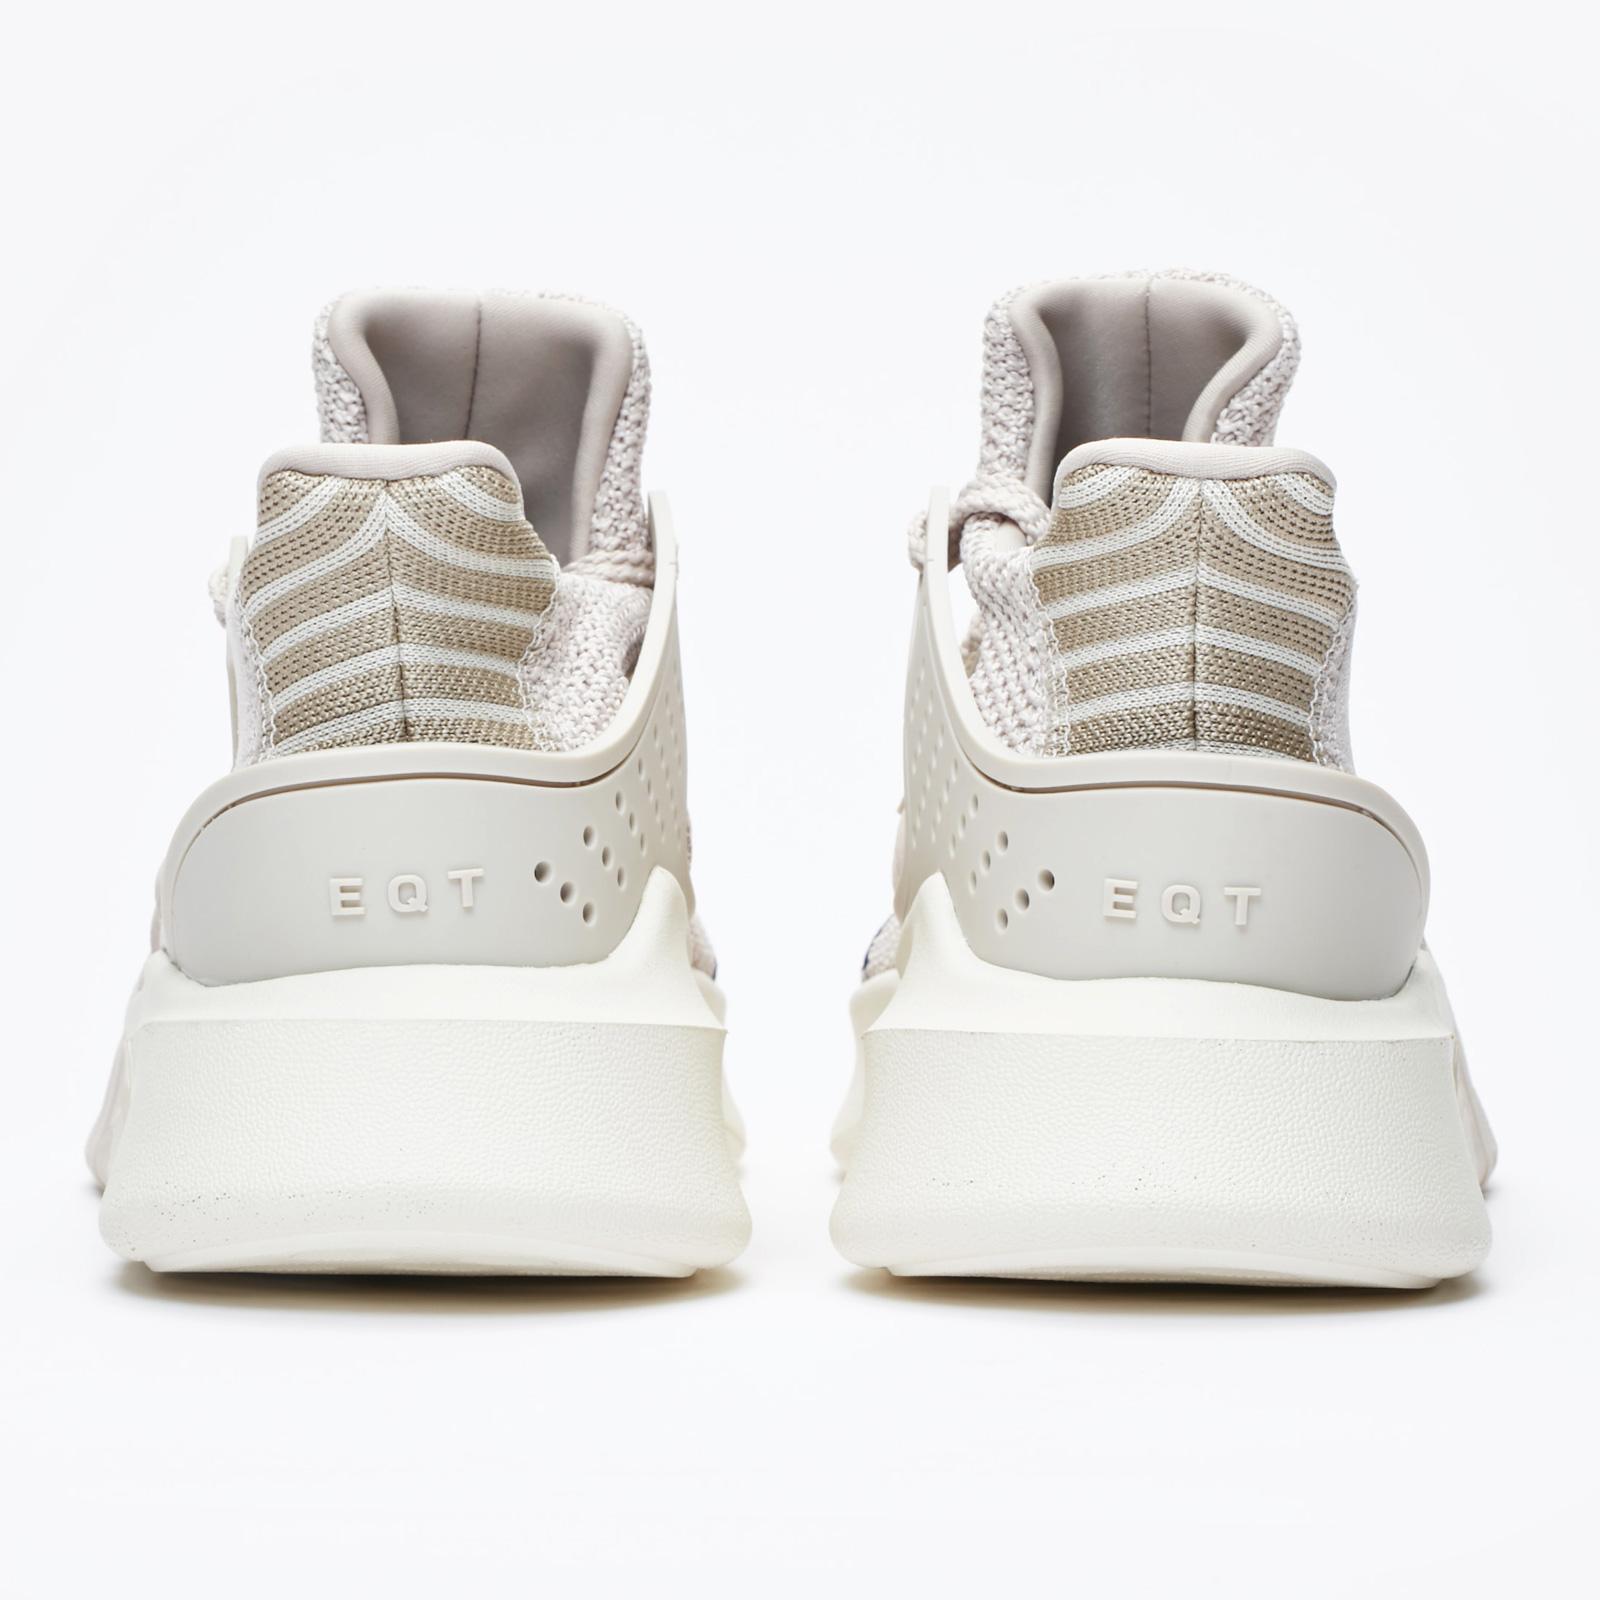 reputable site c78dd 72fc4 adidas Originals EQT Basket ADV adidas Originals EQT Basket ADV ...